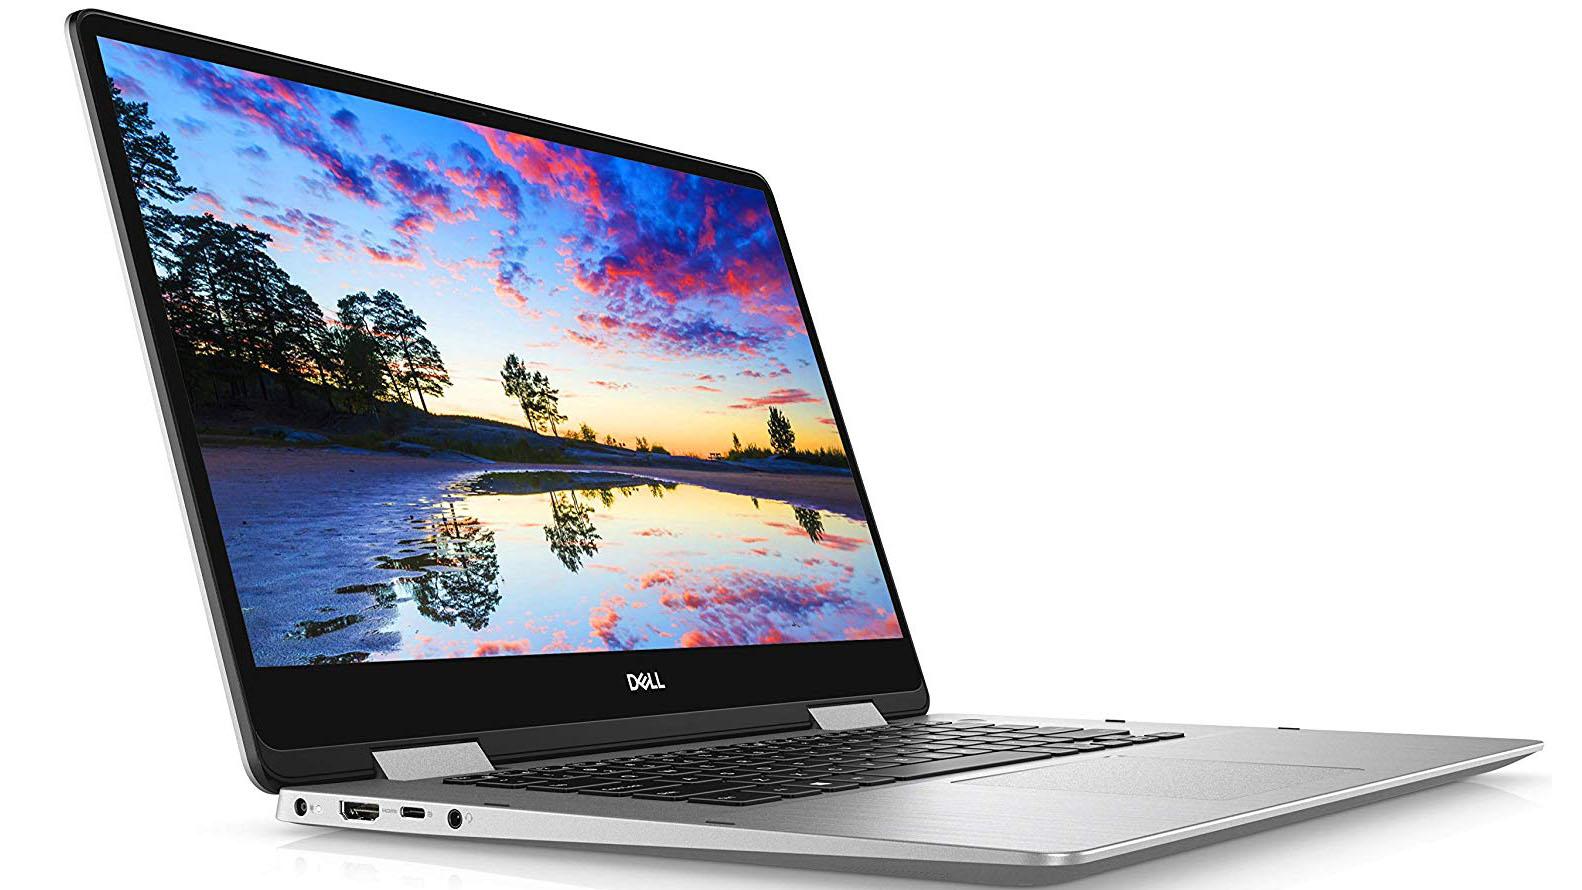 Dell Inspiron 17 7000 2-no-1 revisão: Muito a pagar pelo armazenamento mecânico